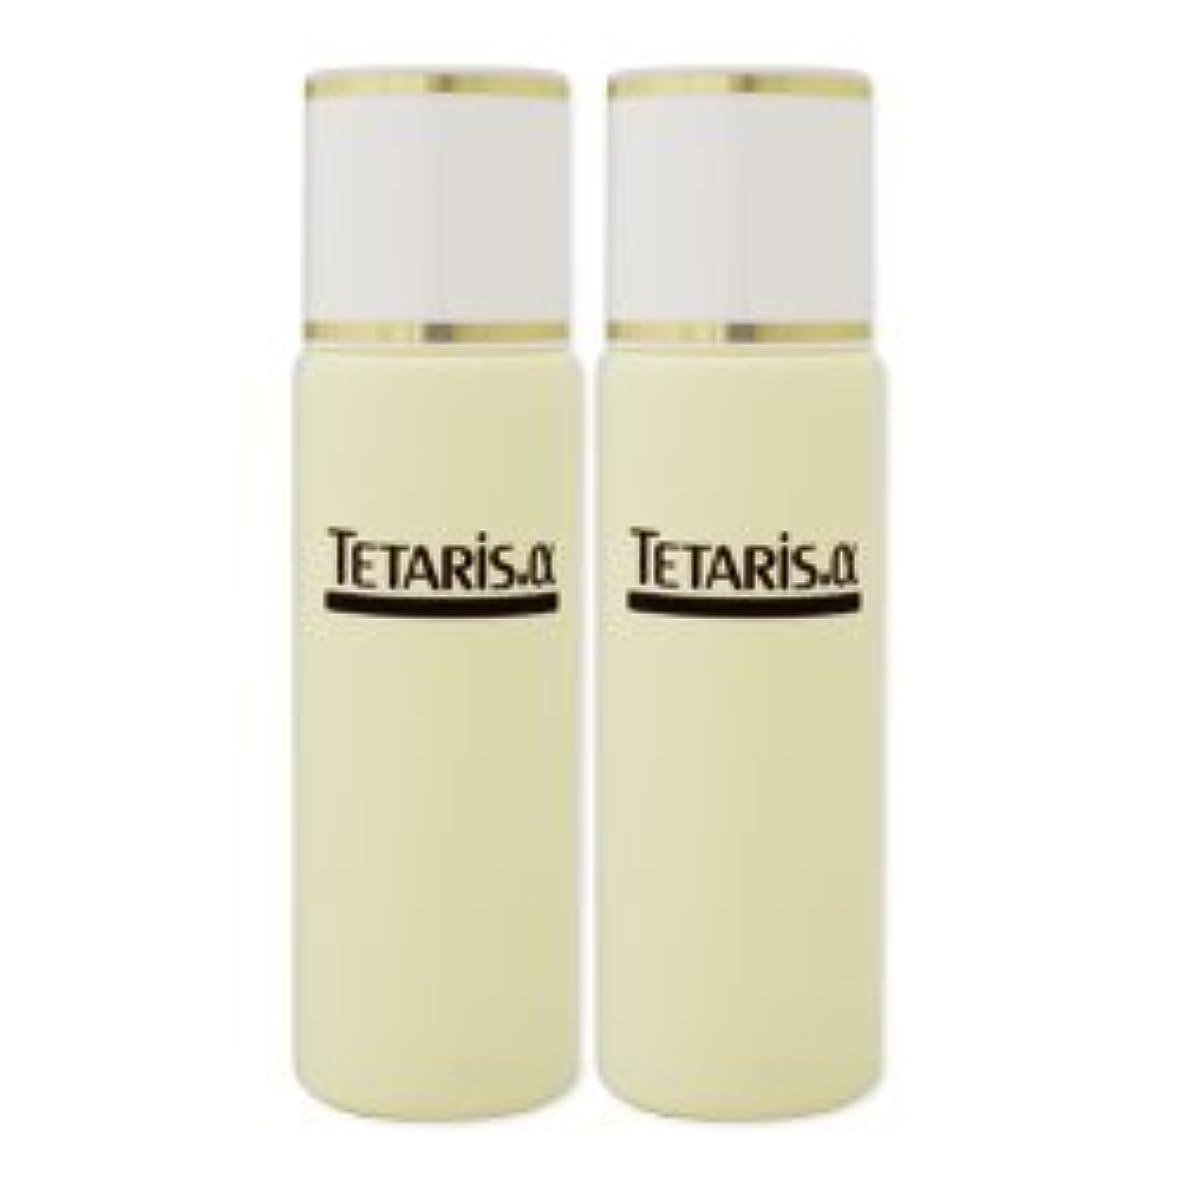 薬用テタリスアルファ 200ml 2個セット 頭皮用薬用育毛剤 医薬部外品